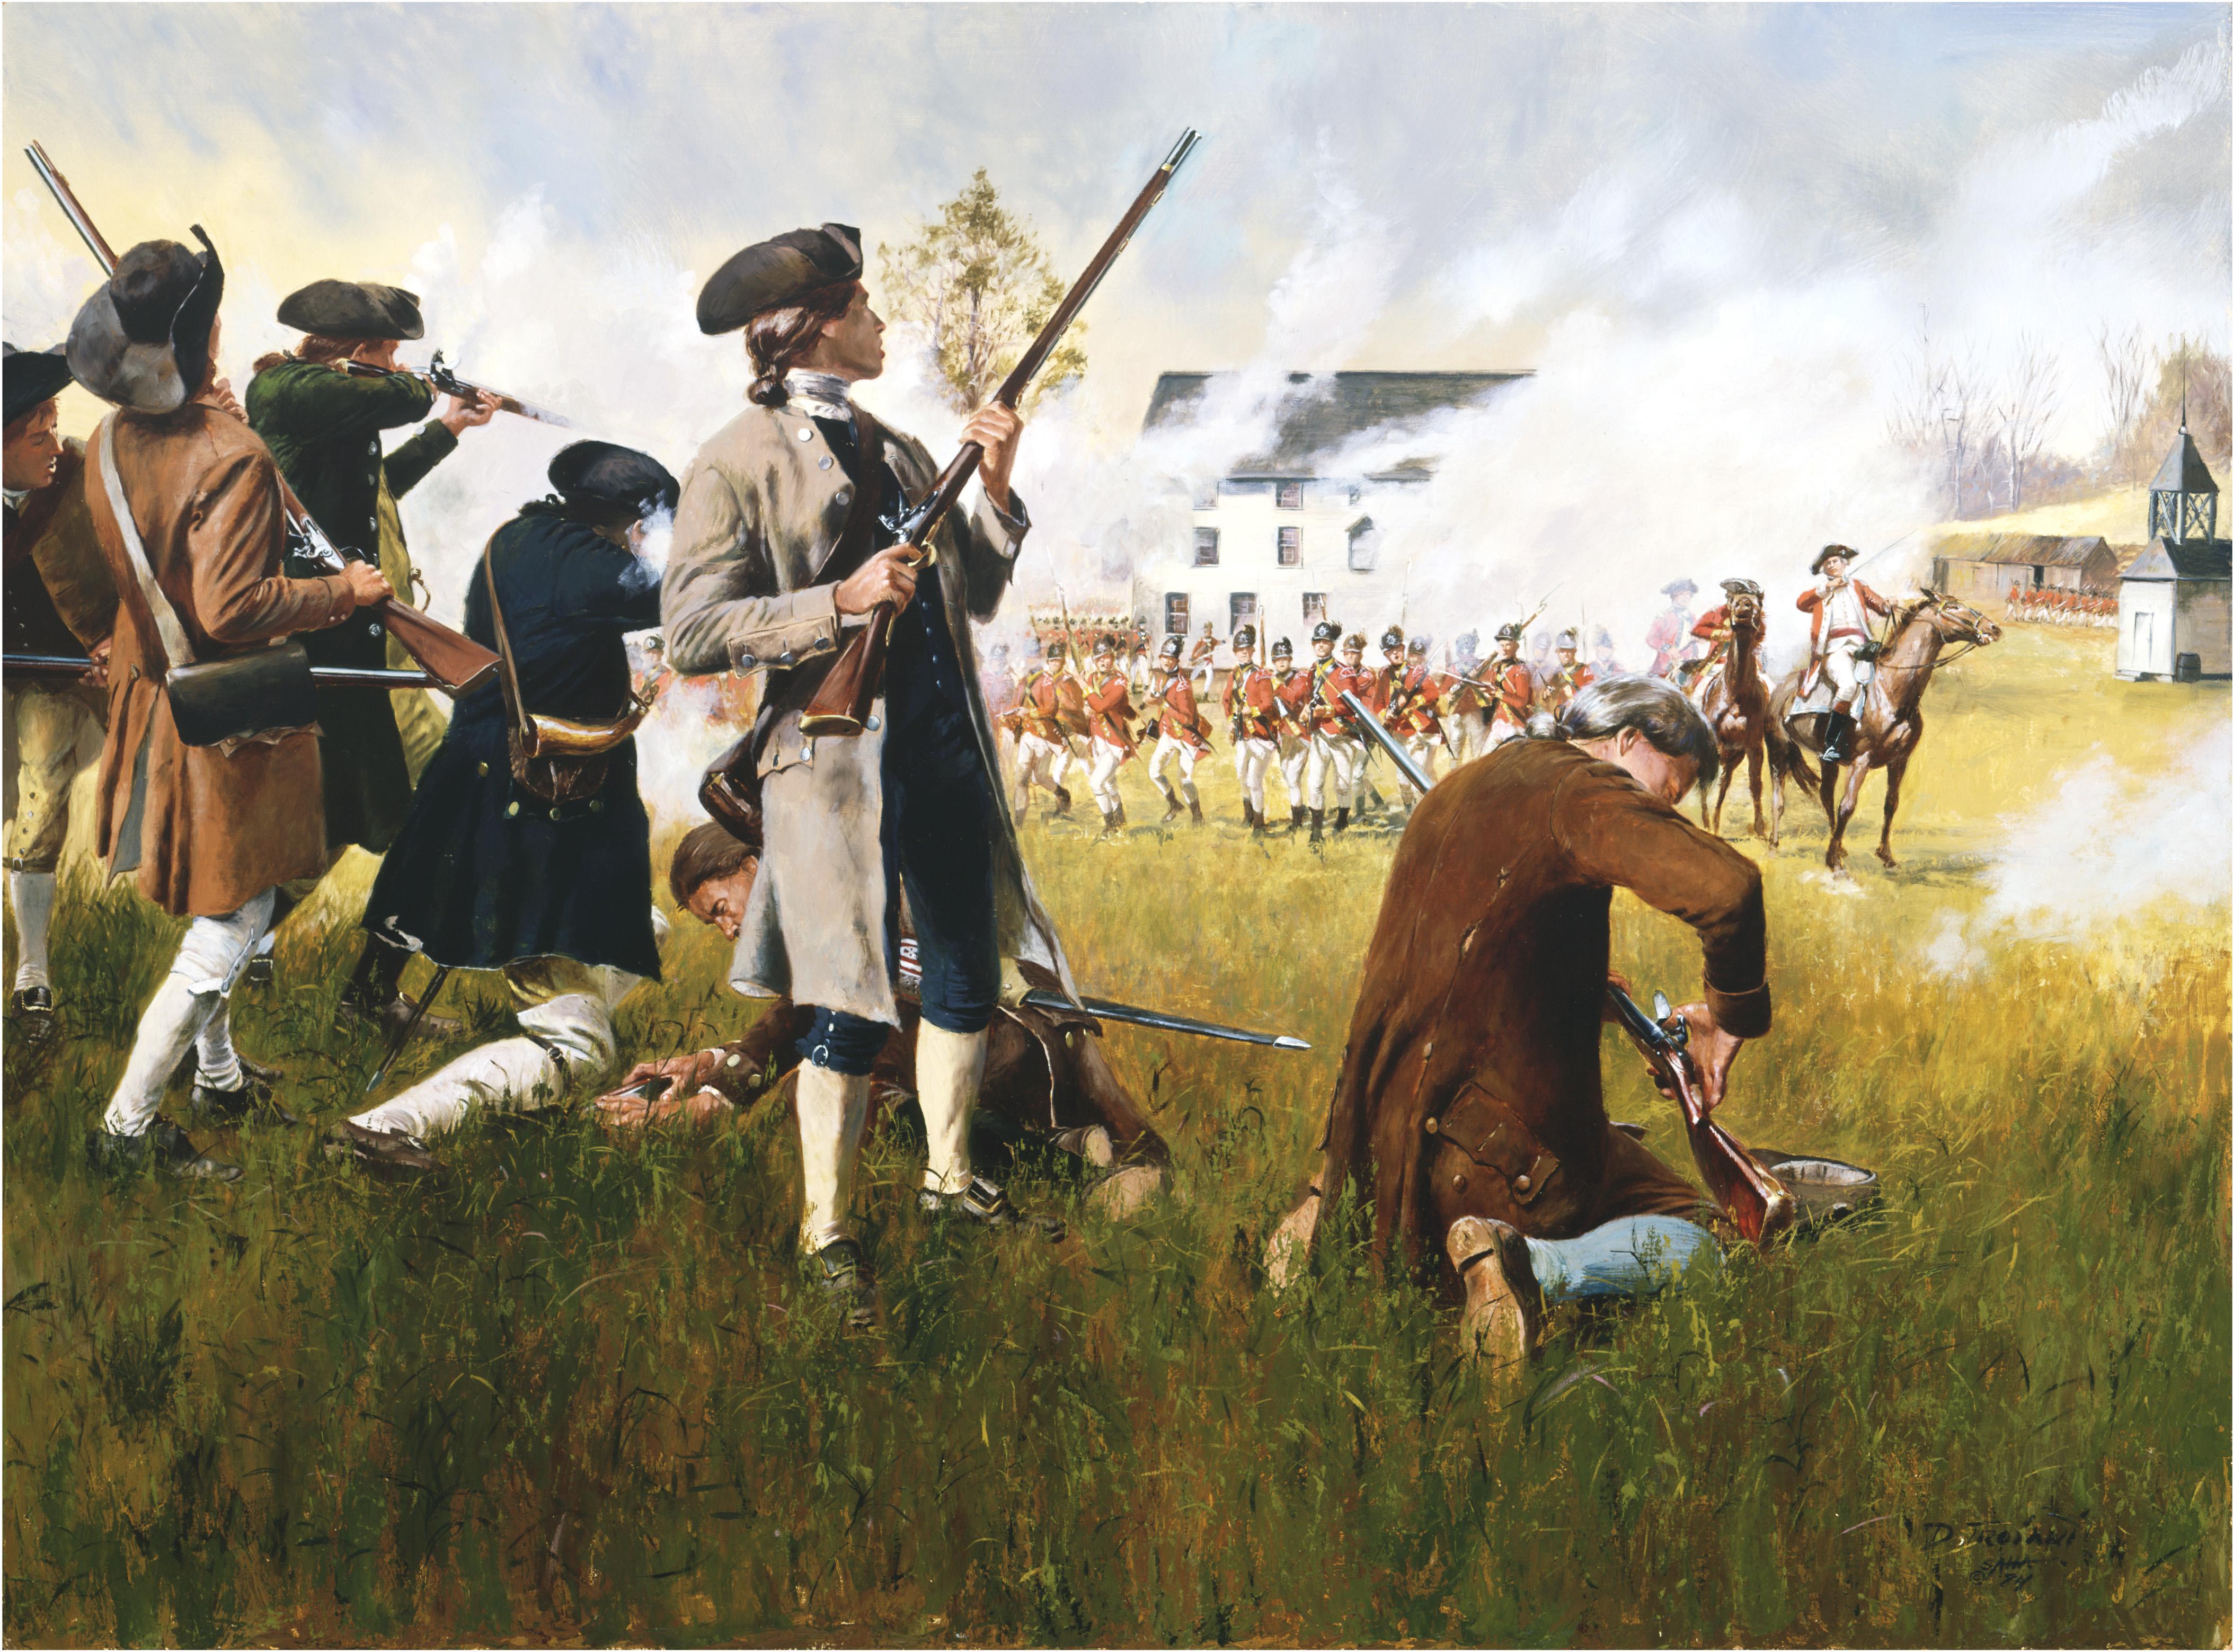 American Revolutionary War 4k Ultra HD Wallpaper